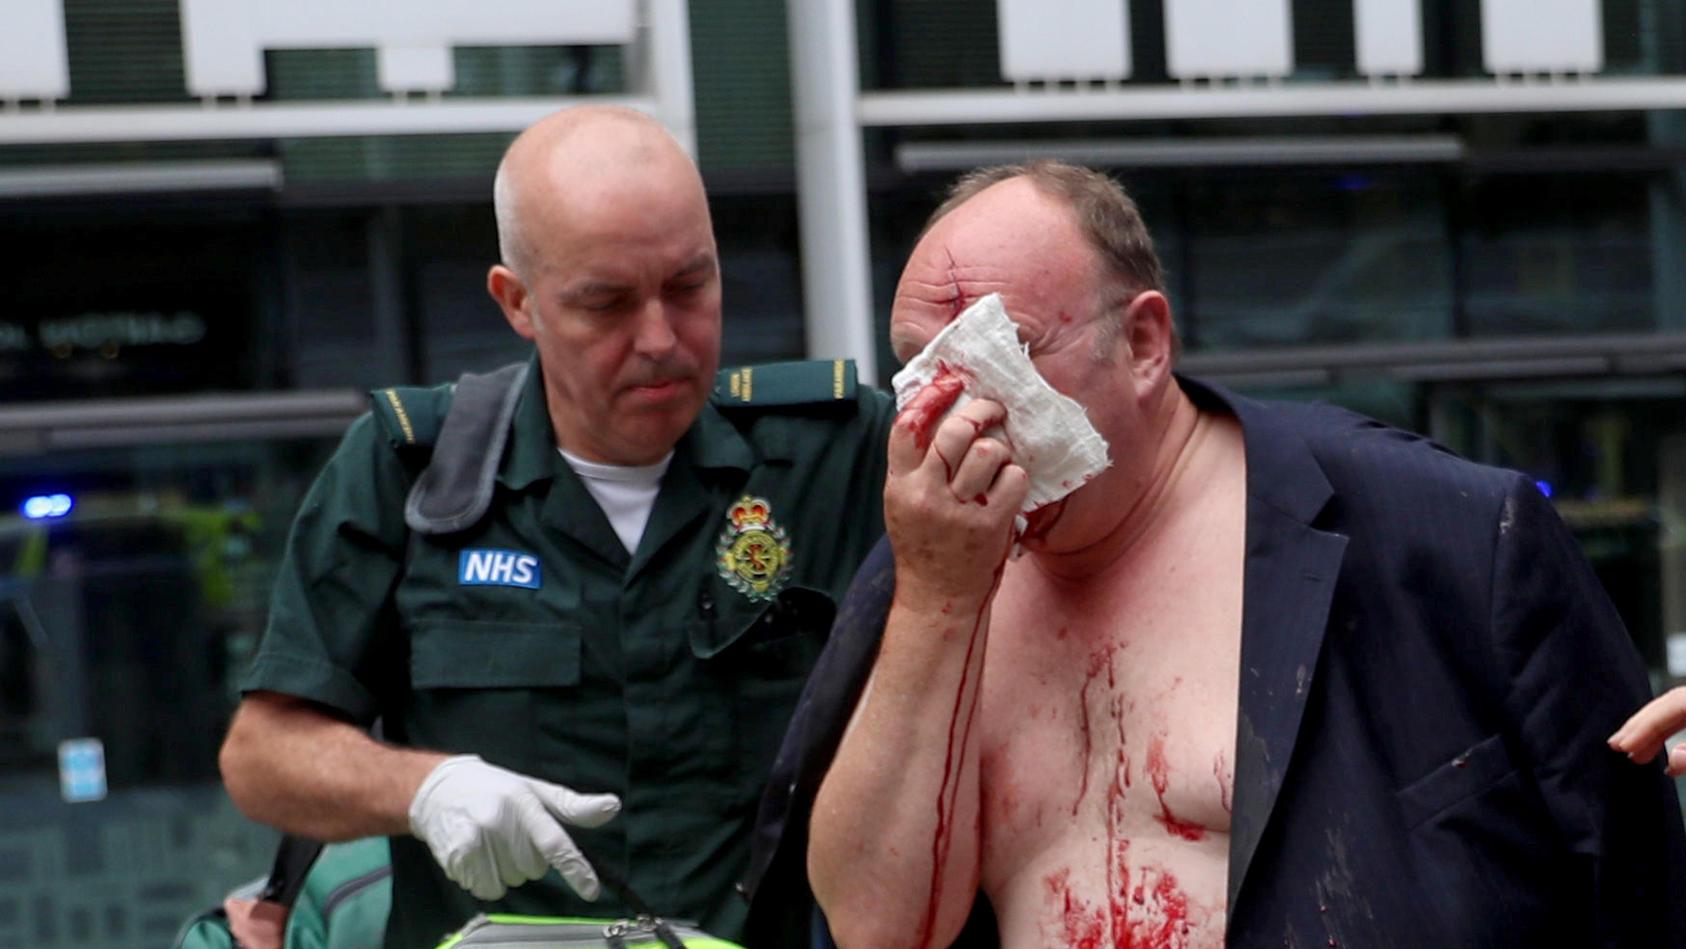 Der verletzte Mann wird von Sanitätern betreut.